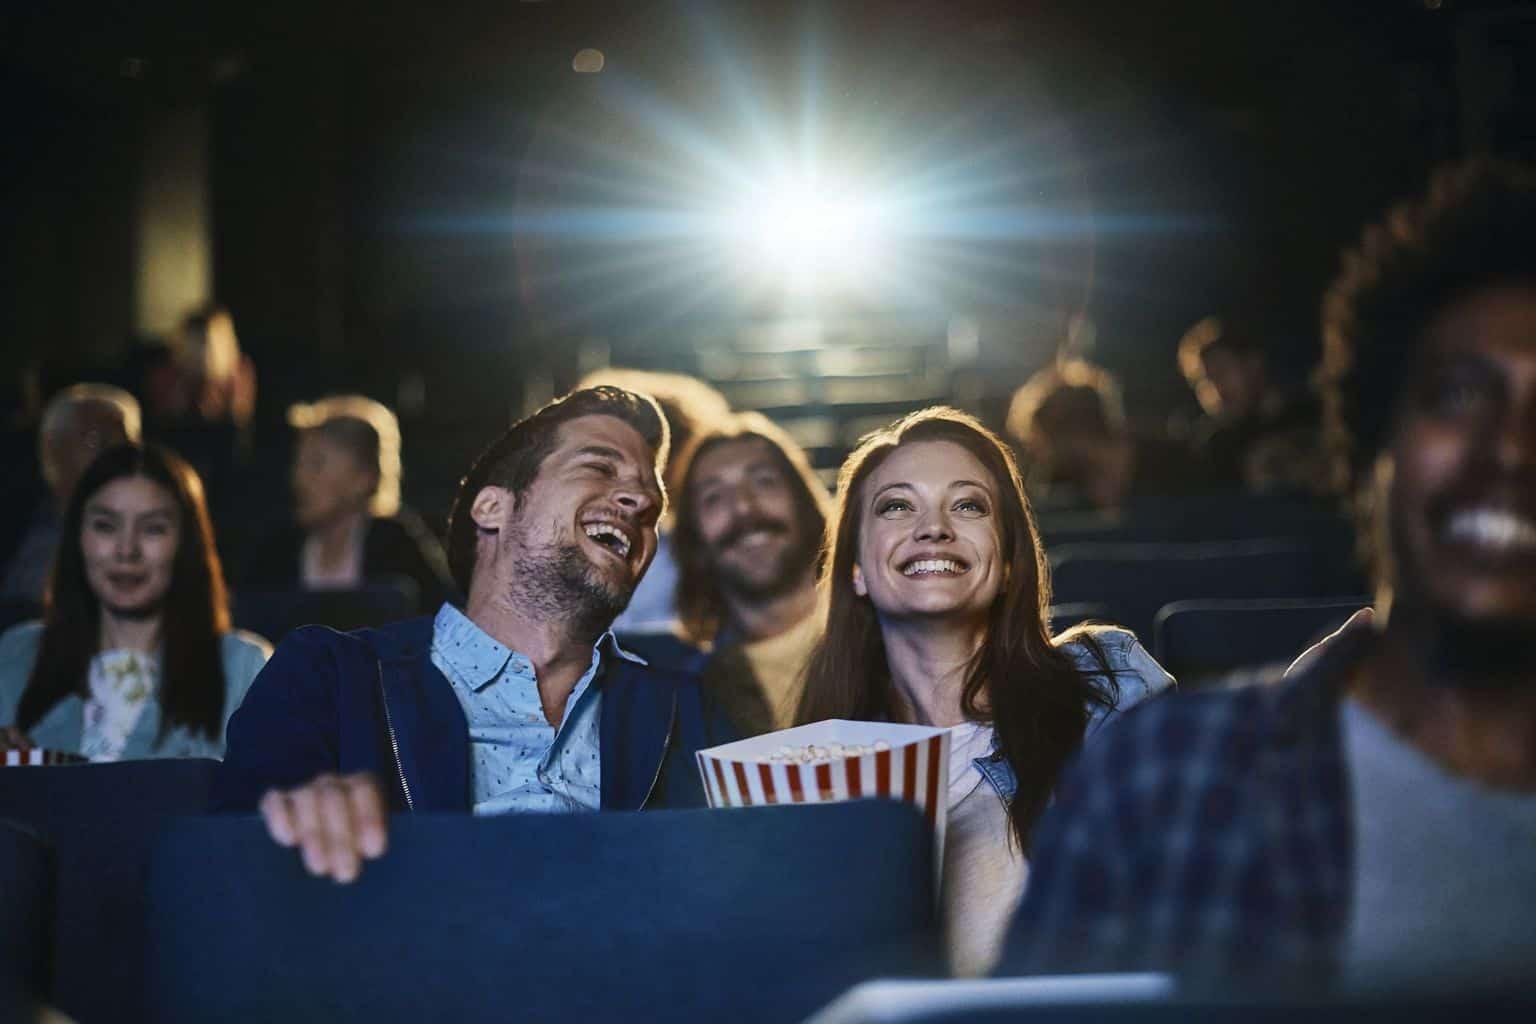 UK Cinema-Going